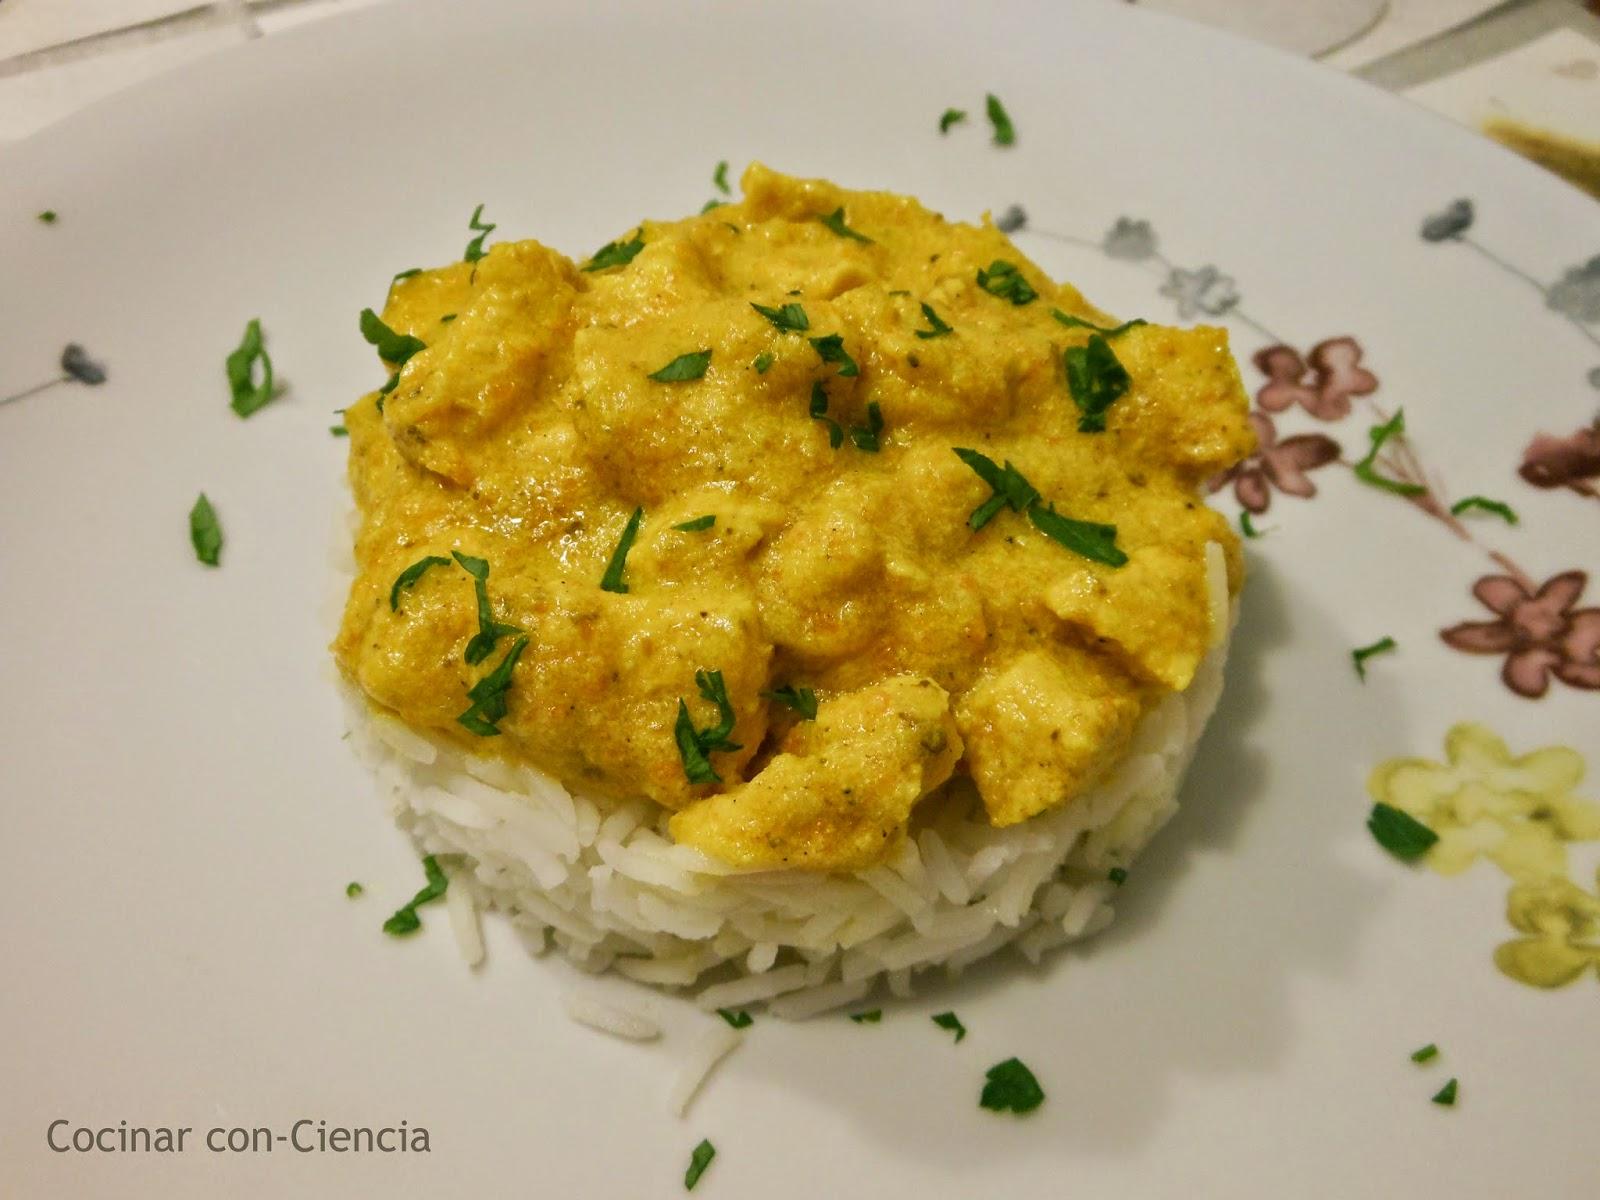 Pollo al curry con arroz basmati cocinar con ciencia for Como cocinar 5 kilos de arroz